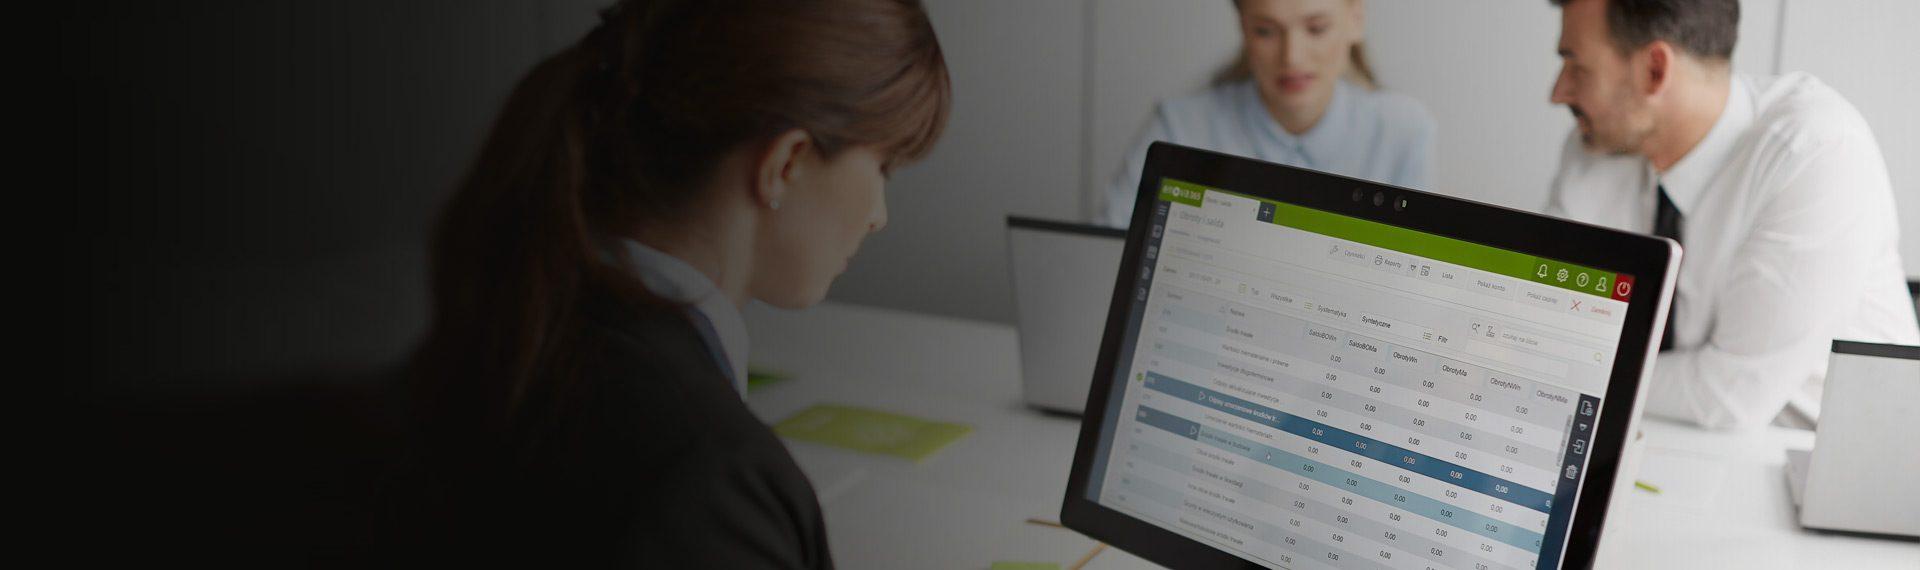 Wideo: system ERP enova365 Finanse i Księgowość